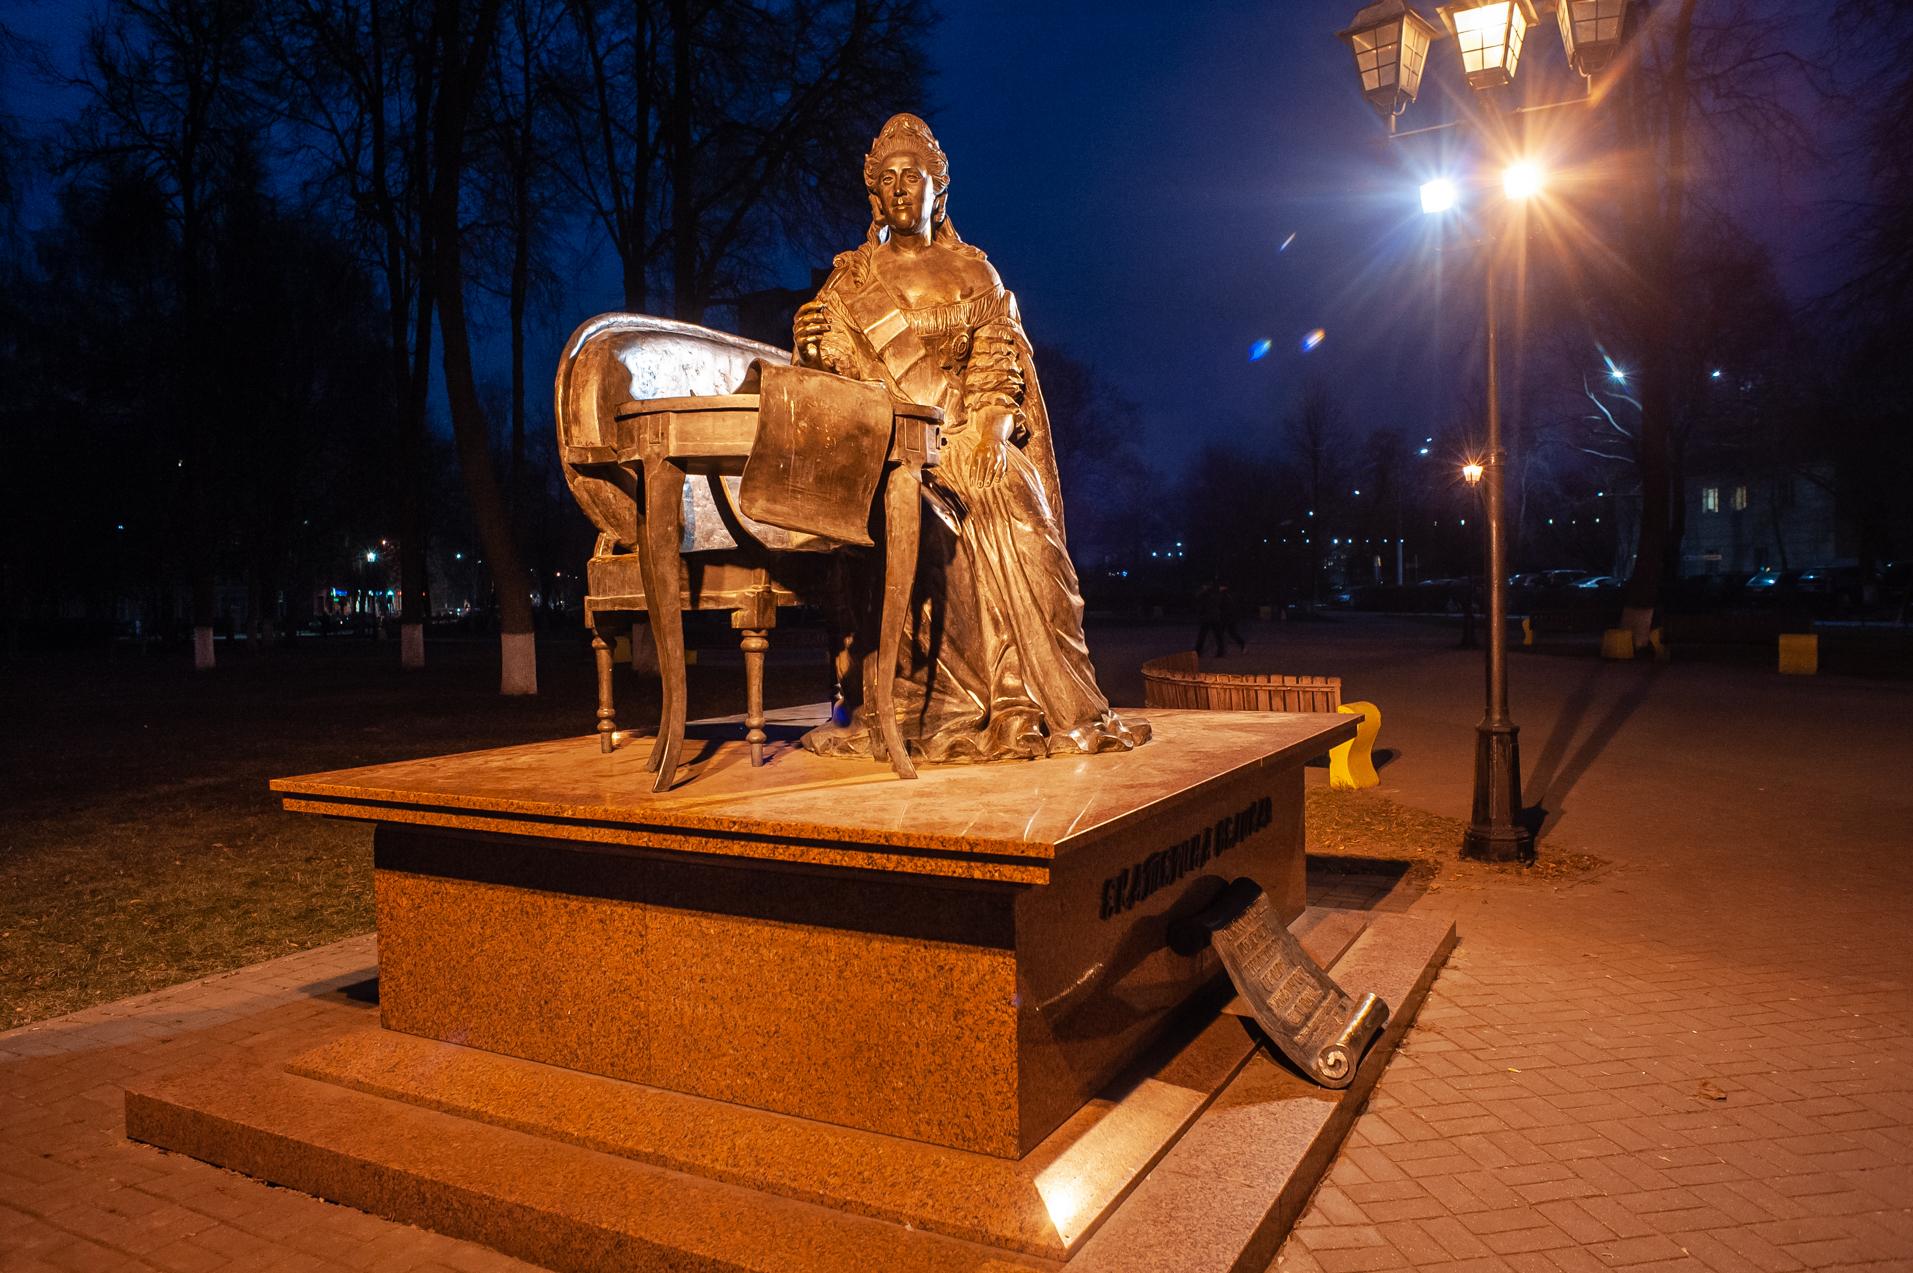 Подольск, сквер Екатерины Великой, памятник Екатерине